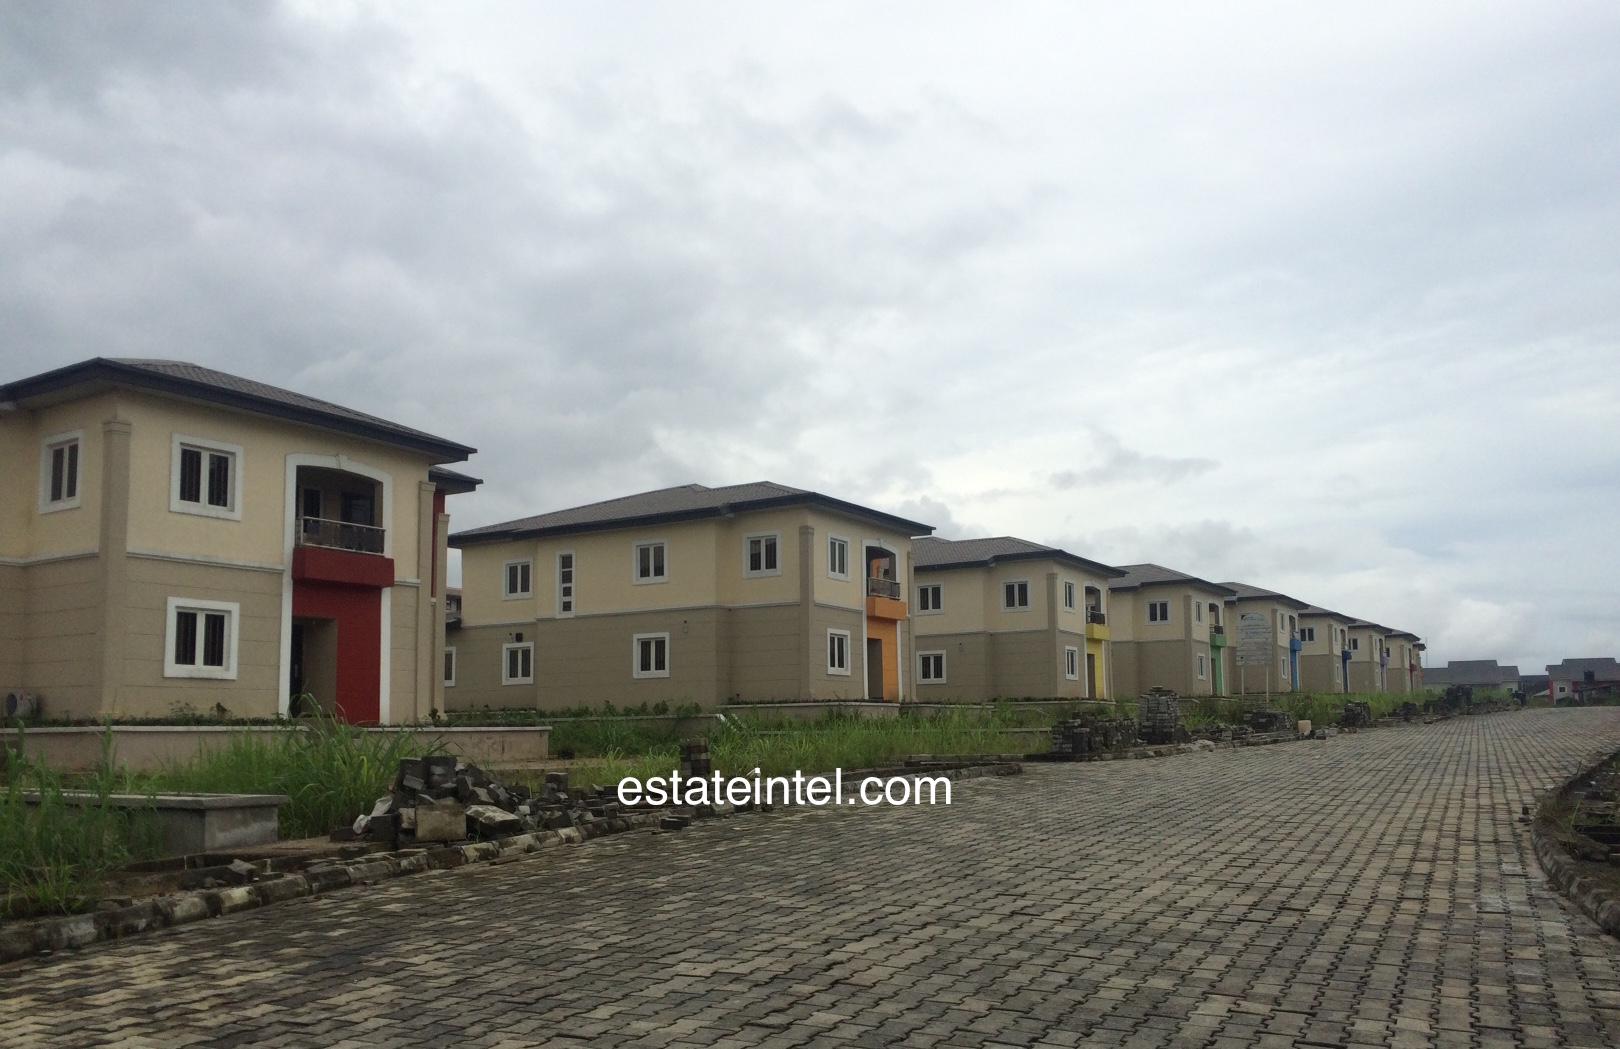 Detached Houses - Rainbow Town, Port Harcourt. Image Source: estateintel.com